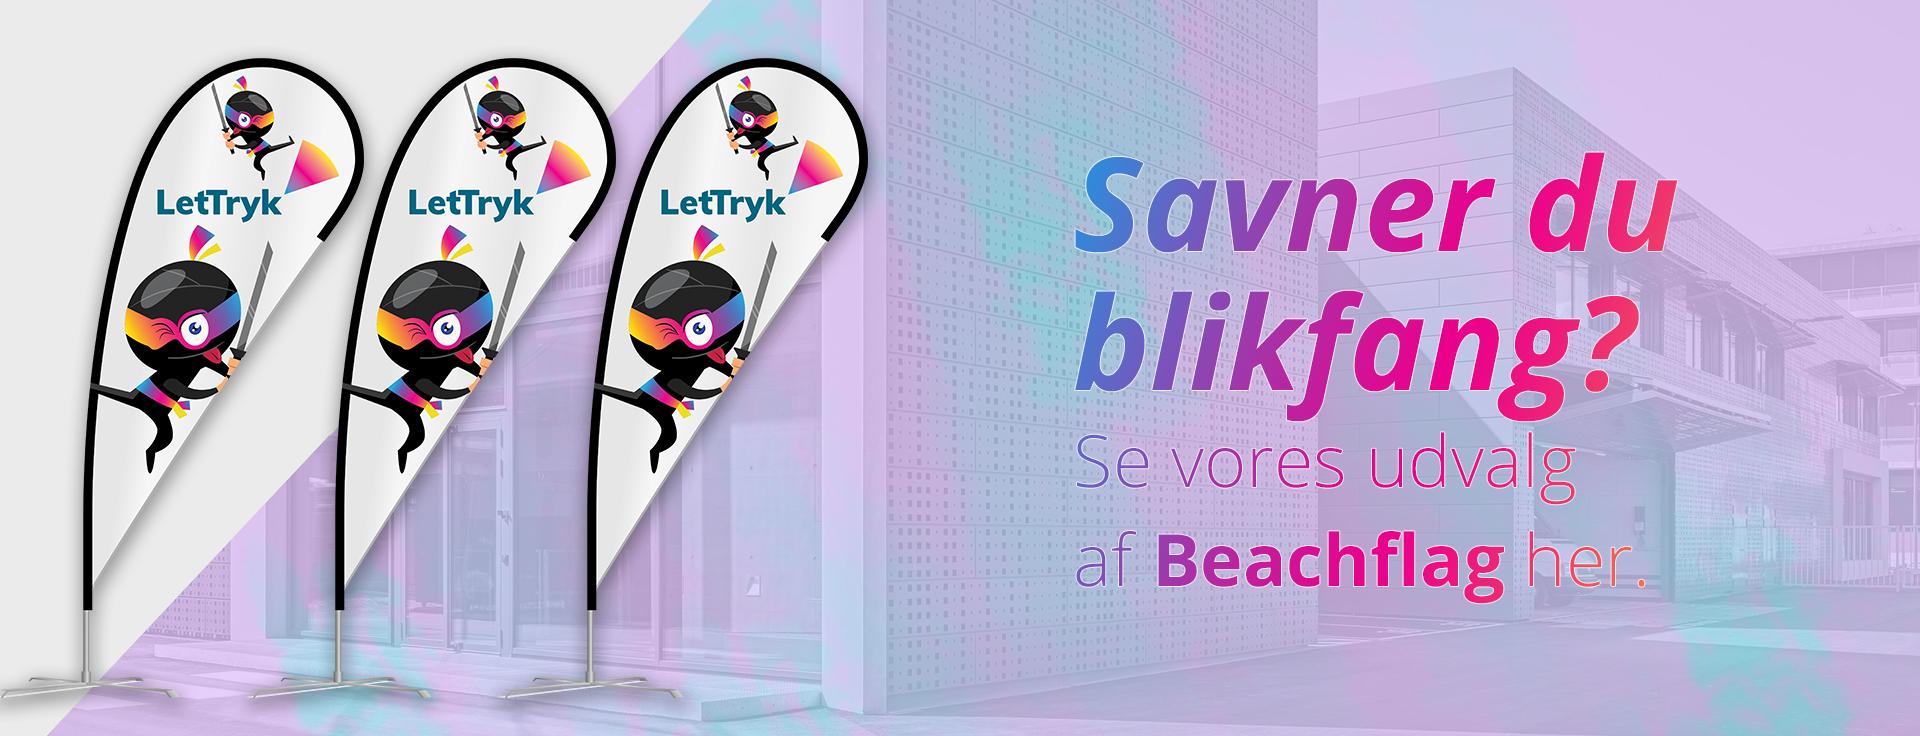 Skab blikfang med et Beachflag fra Lettryk